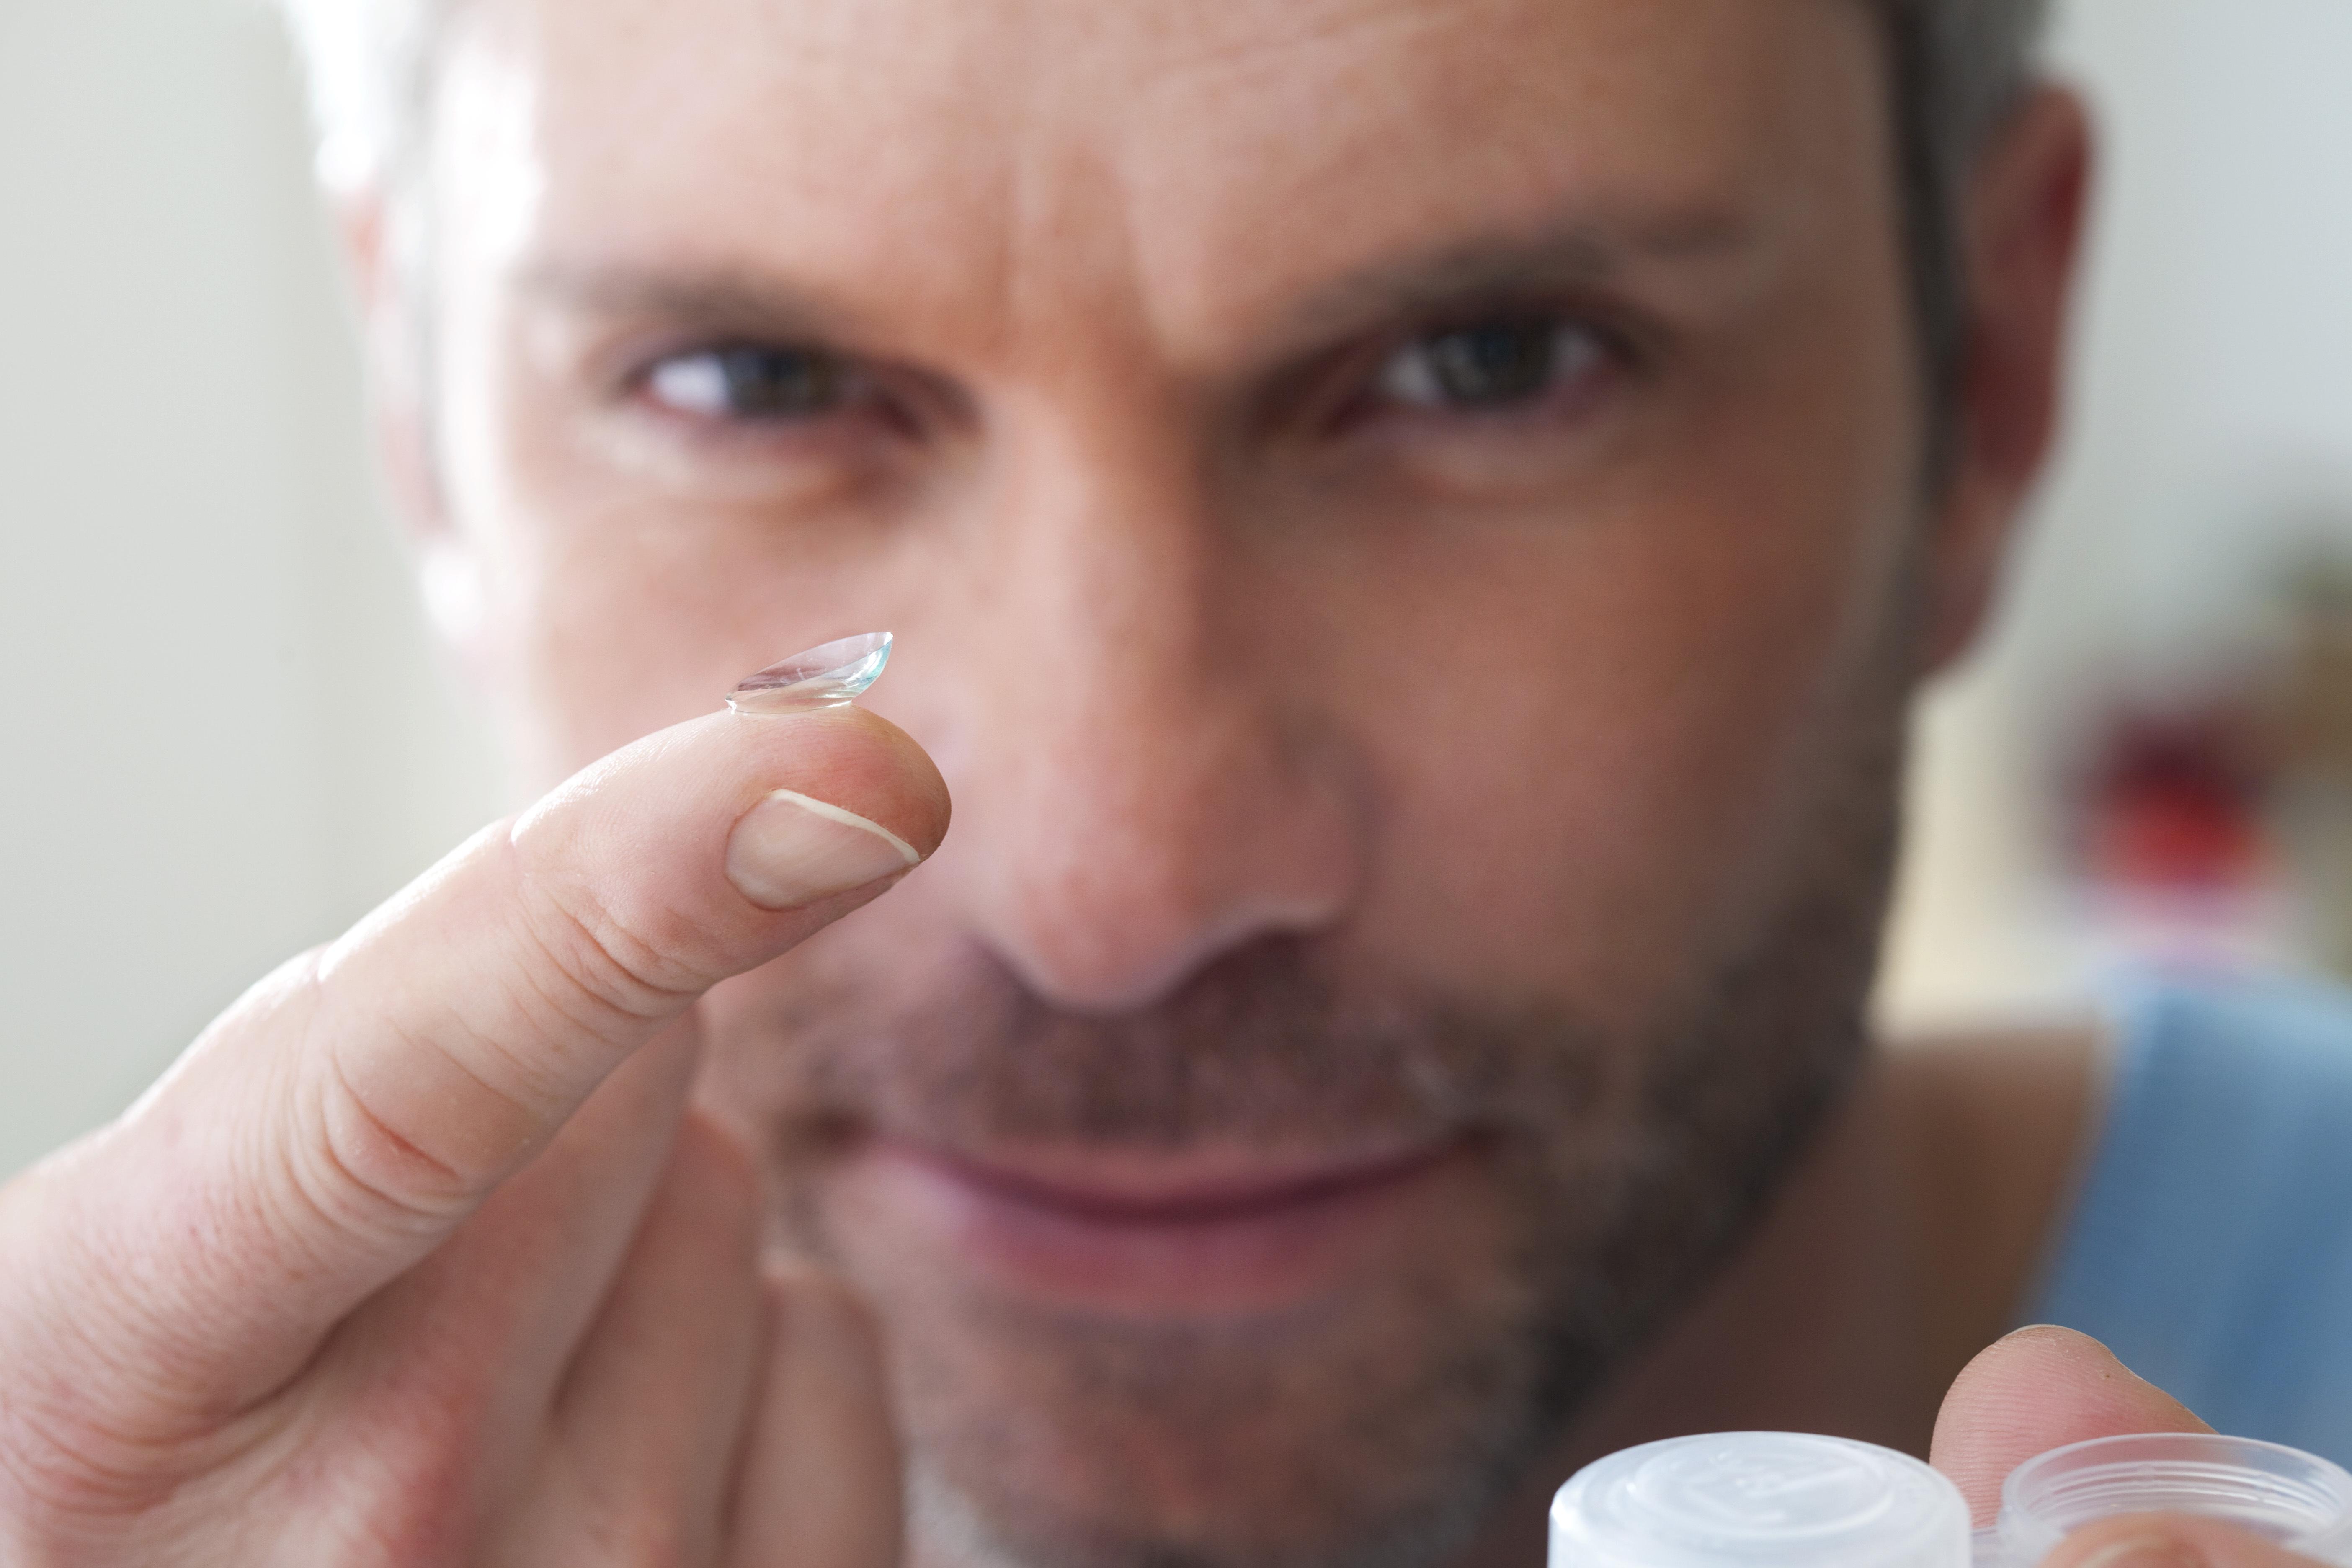 Användning av kontaktlinser kan bidra till att du drabbas av torra ögon och det är alltid viktigt att hitta den bakomliggande orsaken till torra ögon.